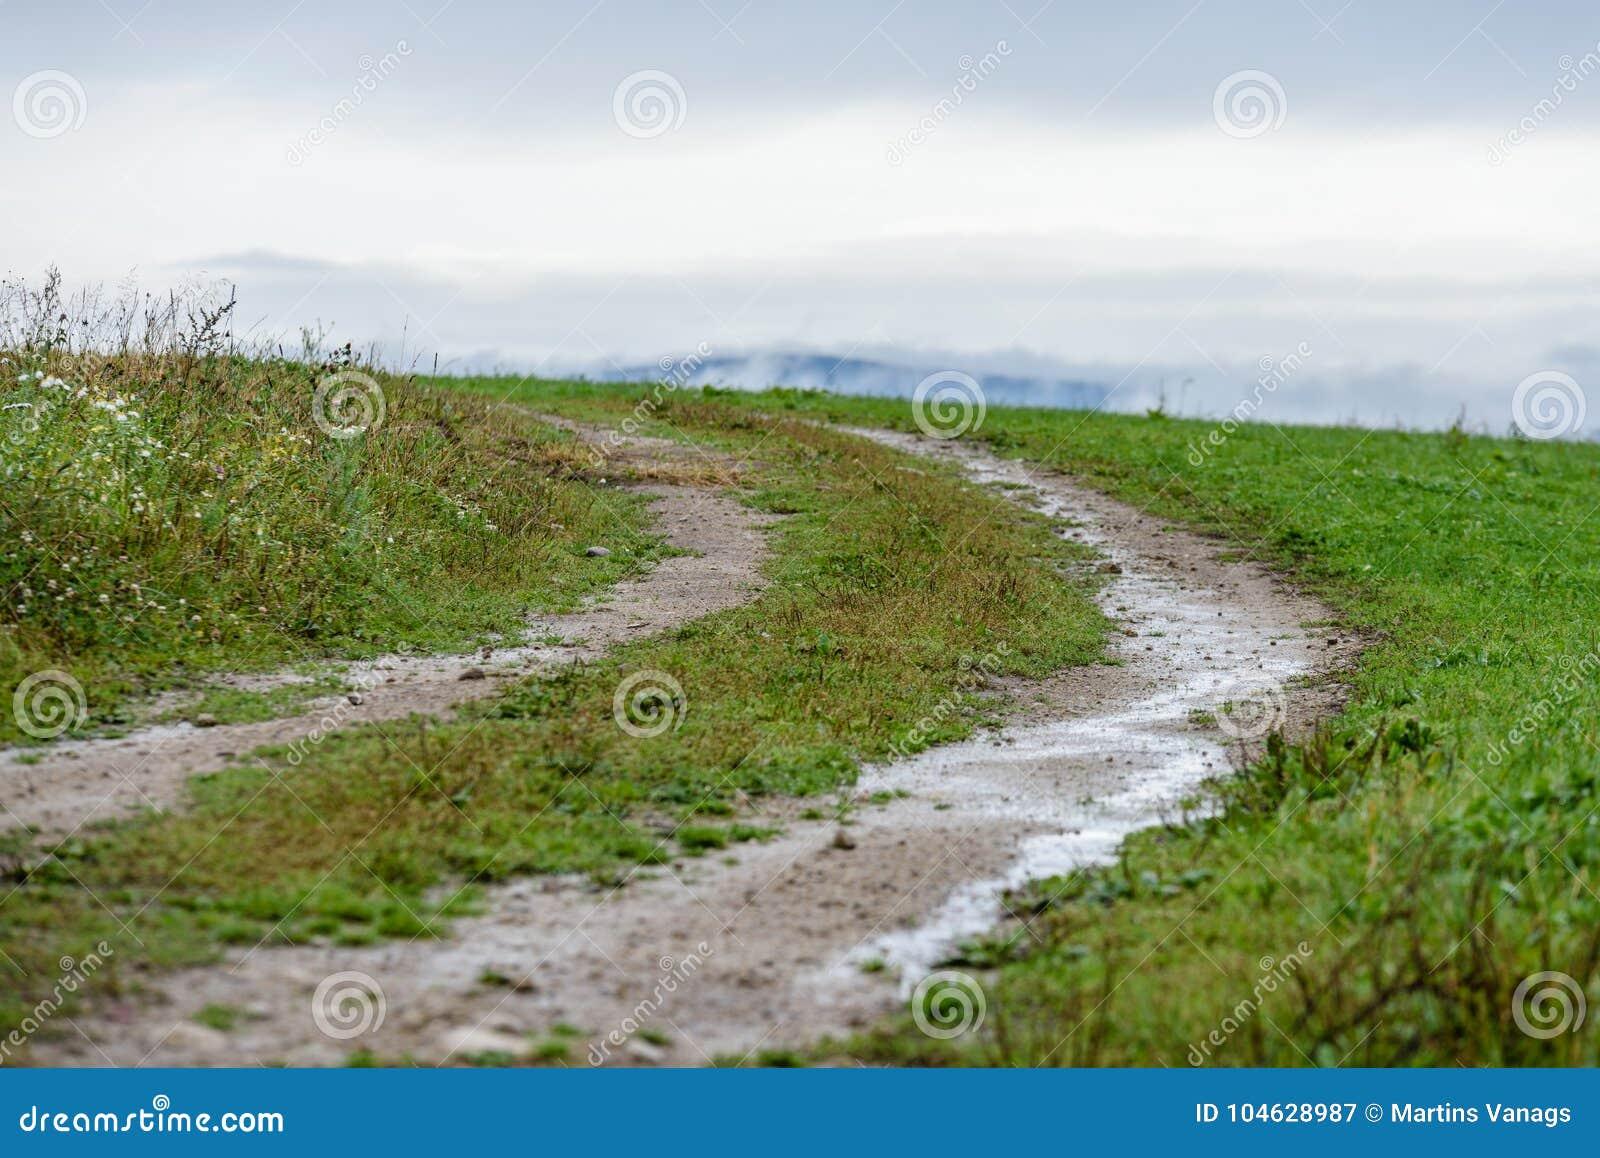 Download Lege Grintweg In Het Platteland In De Zomer Stock Afbeelding - Afbeelding bestaande uit sporen, summer: 104628987